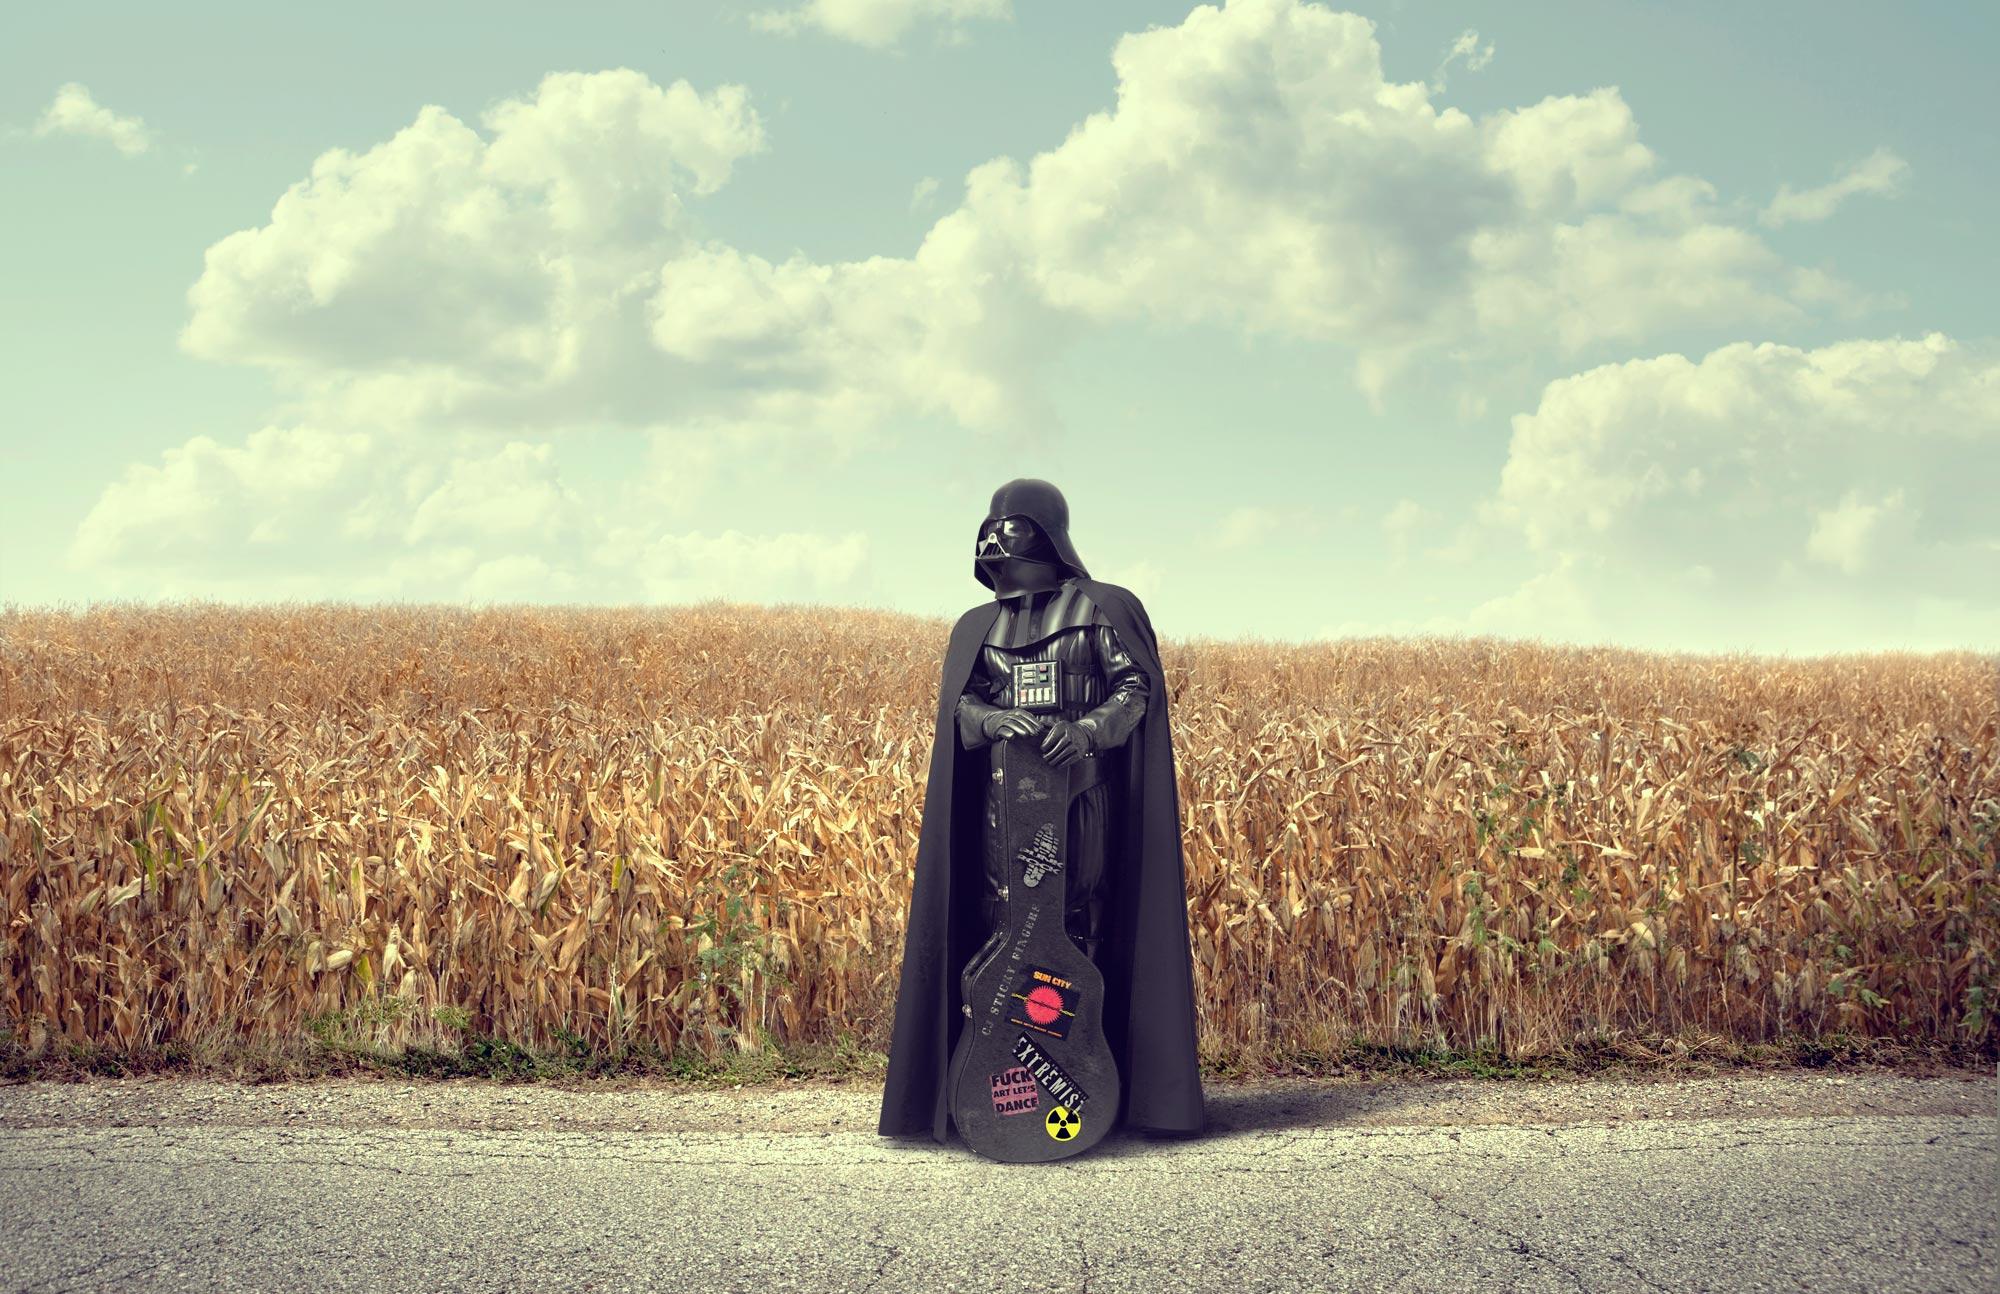 Chris Clor alien in wheat field